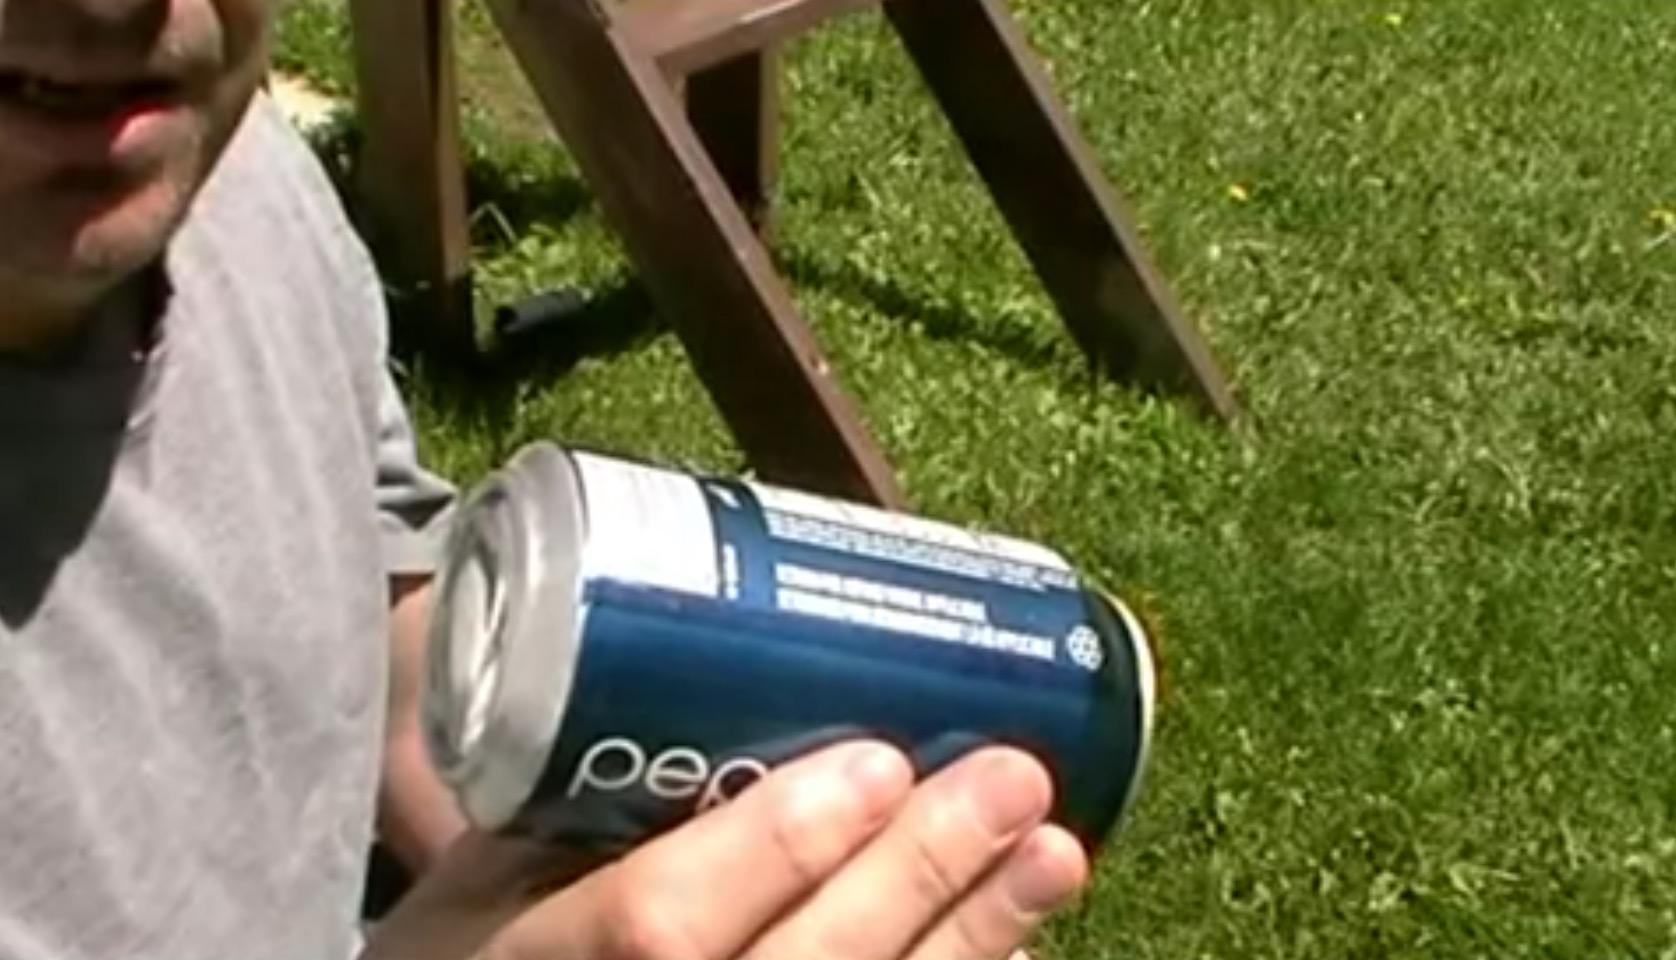 【サバイバル】「缶」で火を起こす方法が凄い!こんなの初めて見た。。